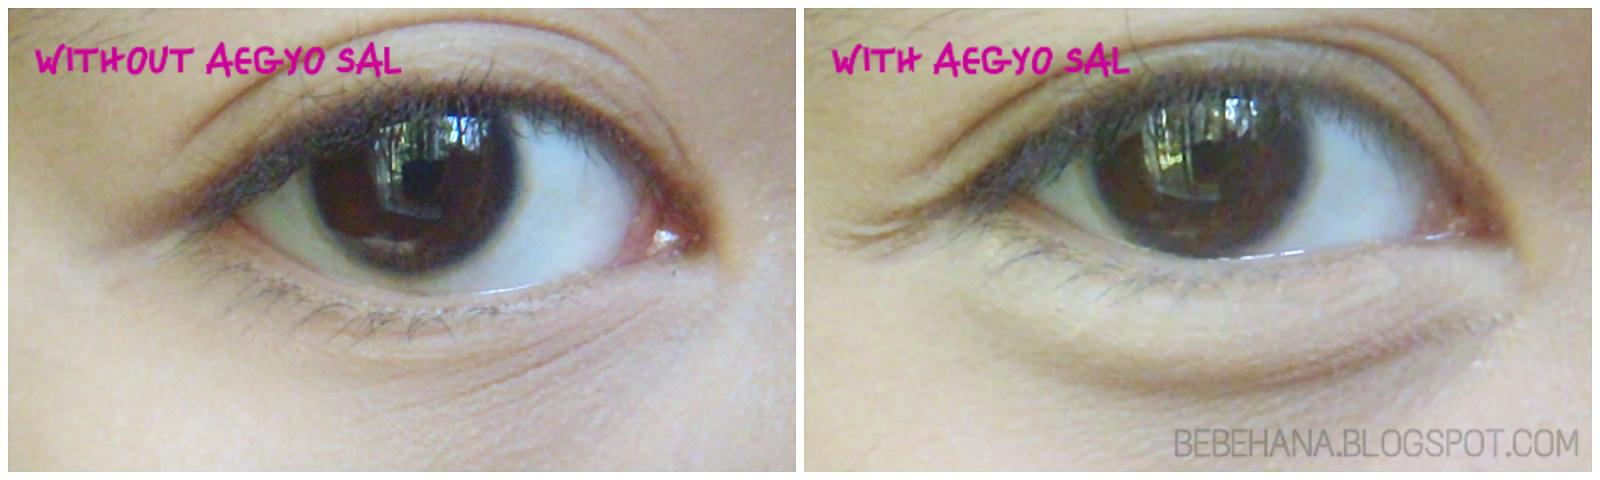 bebeyhana: Ulzzang Make Up Tutorial Series: Natural Looking Aegyo Sal